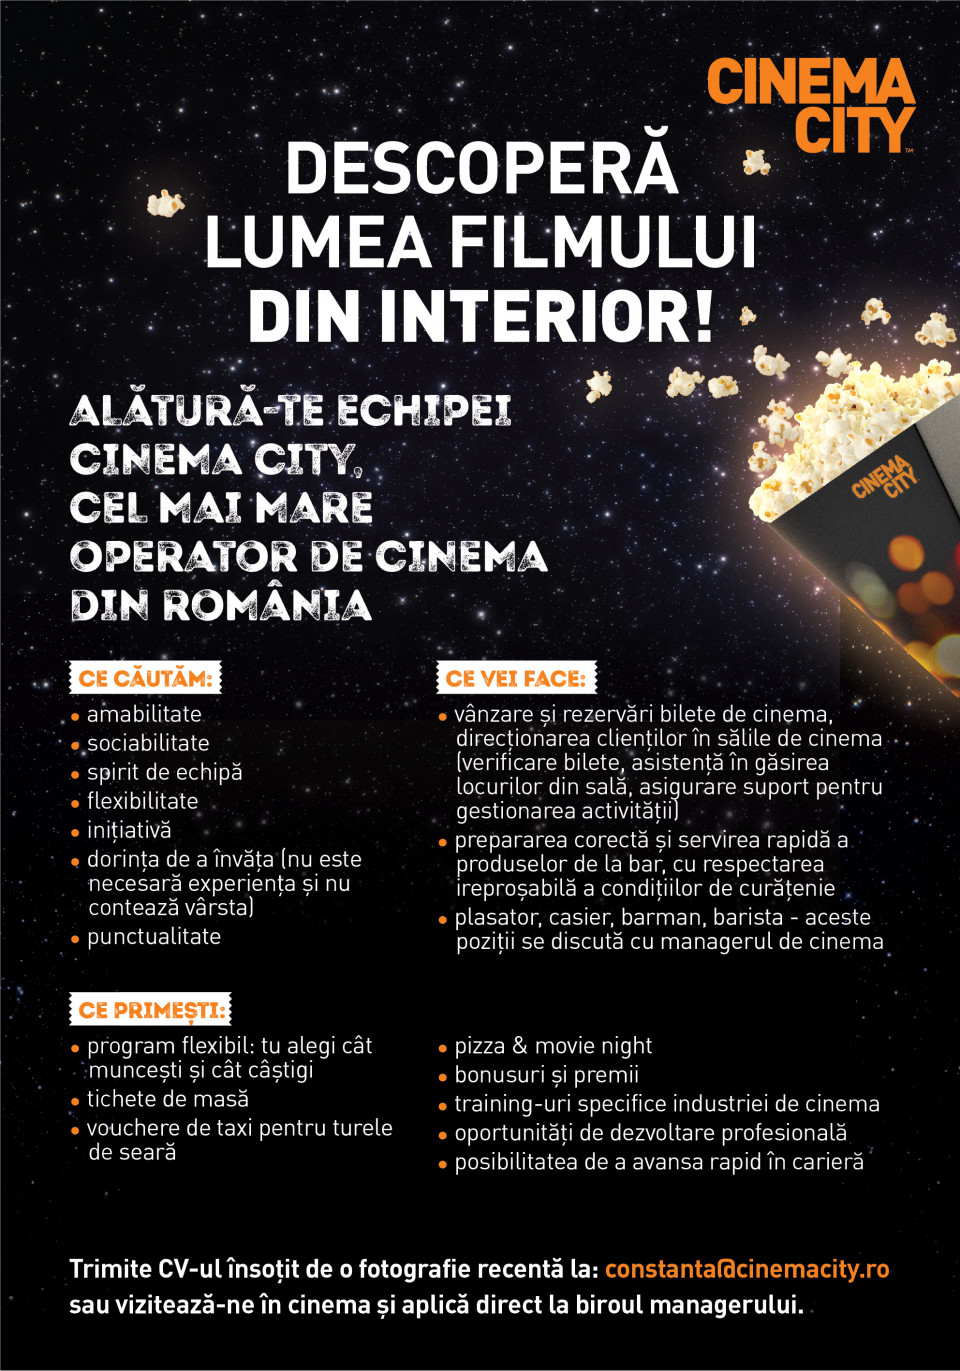 DESCOPERĂ LUMEA FILMULUI DIN INTERIOR!  Alătură-te echipei Cinema City, cel mai mare operator de cinema din România.  Cum ne dorim sa fie noul nostru coleg:  Cu atitudine pozitivă Dornic să învețe (nu este necesară experiența și nu contează vârsta) Punctual Cu bune abilități de comunicare și relaționare Amabil Să îi placă să lucreze în echipă Determinat Cu inițiativă Căutăm colegi care să descopere cu entuziasm lumea filmului din interior pentru următoarele roluri  Barman / Barista / Casier / Plasator  În funcție de rolul potrivit pentru tine, responsabilitățile generale ar putea fi:  - vânzarea de bilete și rezervări bilete de cinema, direcționarea clienților în cinema (verificare bilete, asistență în găsirea locurilor din sală, asigurare suport pentru gestionarea activității);  - preparea corectă și servirea rapidă a produselor de la bar sau cafenea, cu respectarea ireproșabilă a condițiilor de curățenie;  - întâmpinarea clienților și oferirea informațiilor corecte despre produsele noastre;  Barman / Barista / Casier / Plasator – aceste poziții se discută în cadrul interviului.  Ce îți garantăm:  - Program flexibil (tu alegi cât muncești și cât câștigi) - Tichete de masa - Pizza & Movie night - Bonusuri și premii - Training-uri specifice industriei de cinema - Vouchere de taxi pentru turele de seară - Oportunități de dezvoltare profesională - Posibilitatea de a avansa rapid în carieră  Punem accent pe dezvoltarea oamenilor și ne dorim ca fiecare coleg să fie foarte bine pregătit profesional existând șanse de promovare. Dezvoltă și tu o carieră în industria de cinema!  Trimite CV-ul insotit de o fotografie recenta la: constanta@cinemacity.ro sau viziteaza-ne in cinema si aplica direct la biroul managerului.  Te așteptăm cu drag! Descoperă lumea filmului din interior!Alătură-te echipei Cinema City, cel mai mare operator de cinema din România, parte din Cineworld, al doilea mare lanț de cinematografe din lume!Ne dorim să fim cel mai bun loc unde se vizionează filmele